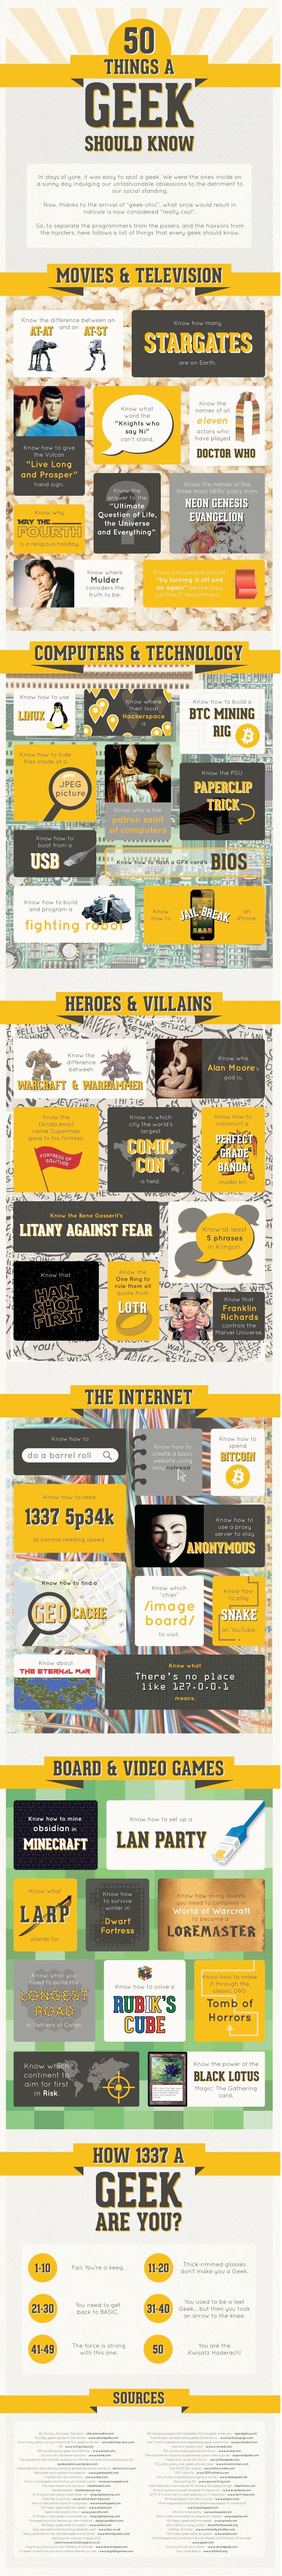 geek 50 things